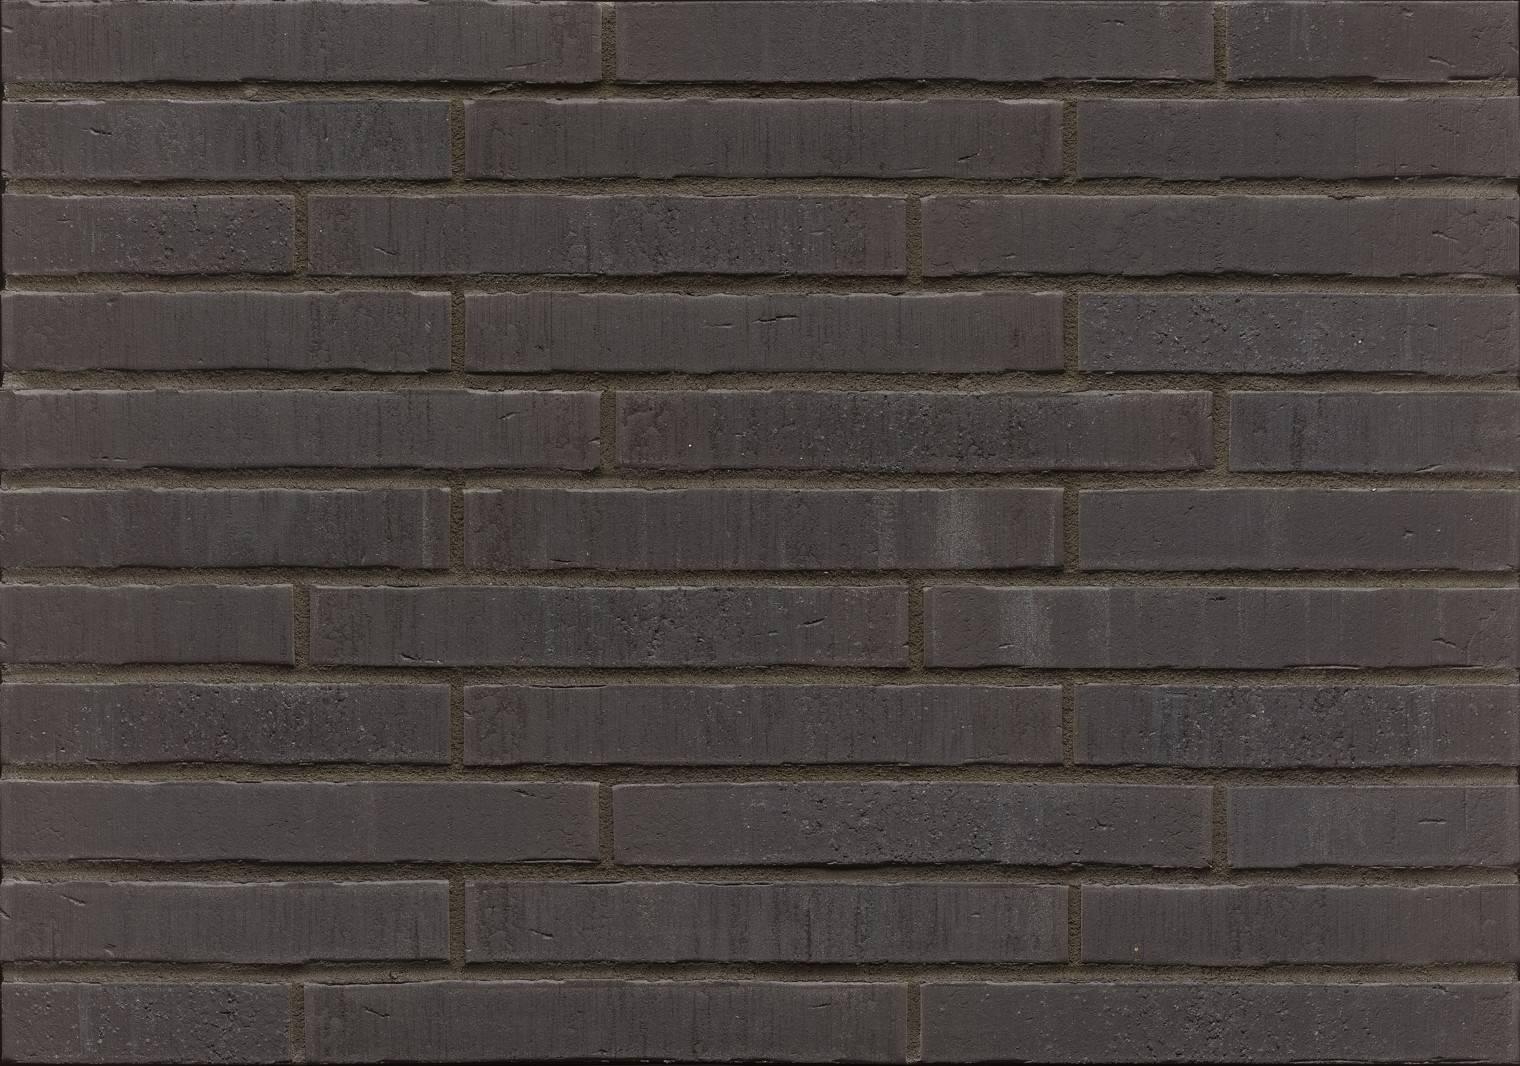 LIPEA - obkladový cihelný pásek R 736 XLDF vascu vulcano petino/ fasáda z obkladových pásků/ cihlové pásky/ cihličky na fasádu/ www.lipea.cz